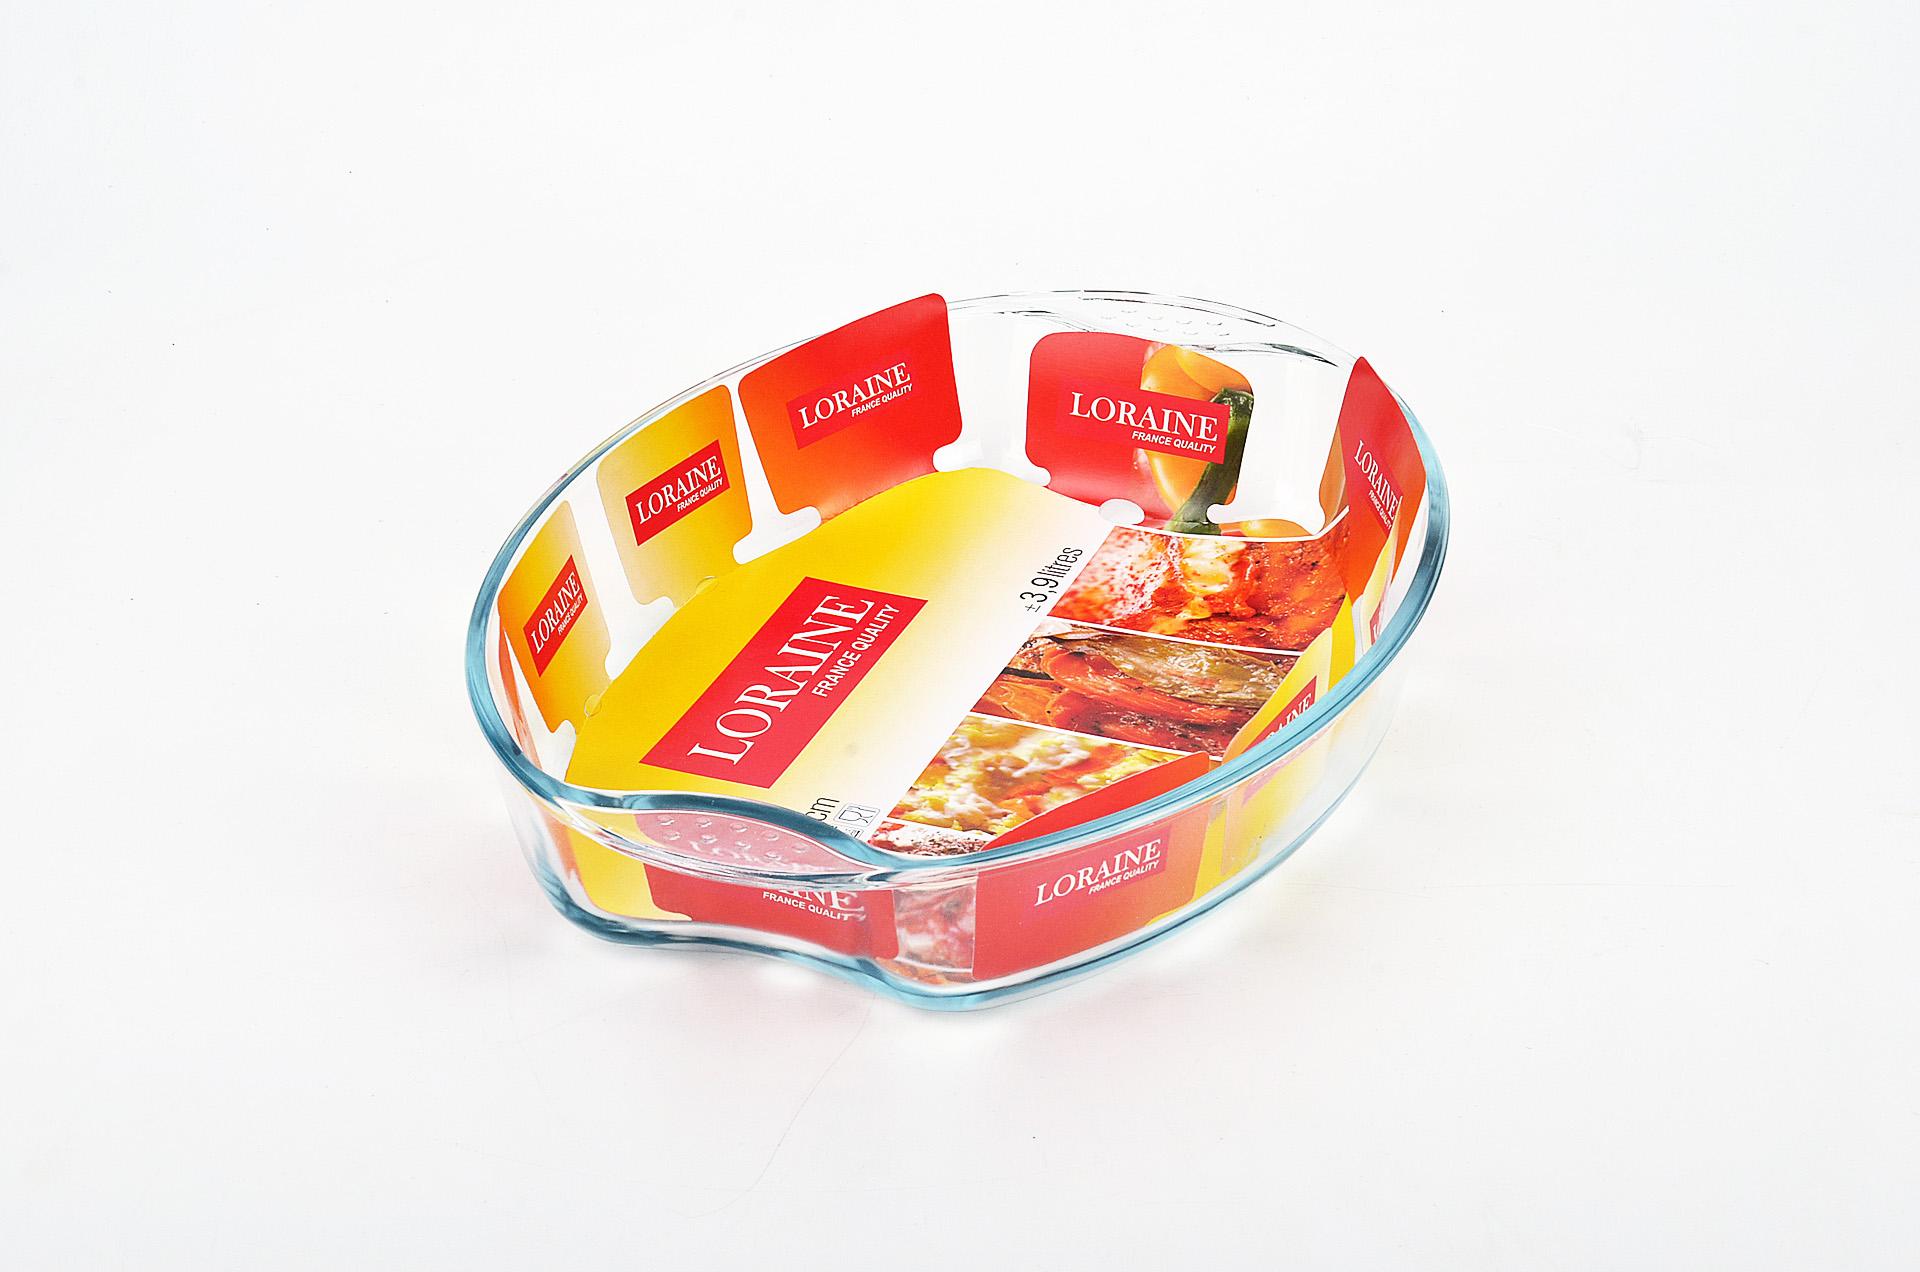 Жаровня Loraine, 3,9 л20666Овальная жаровня Loraine изготовлена из жаропрочного боросиликатного прозрачного стекла. Стеклянная посуда идеальна для запекания, так как стекло - это экологически чистый, износостойкий и долговечный материал, к которому не прилипает пища, в такой посуде пища сохраняет все свои полезные вещества и микроэлементы. Емкость идеальна для запекания в духовке птицы и мяса, для приготовления лазаньи, запеканки и даже пирогов. С жаровней Loraine вы всегда сможете порадовать своих близких оригинальной выпечкой.Подходит для использования в духовке при температуре до +400°С, в морозильной камере при температуре до -40°С. Можно использовать в микроволновой печи. Подходит для мытья в посудомоечной машине.Объем: 3,9 л. Размер жаровни (с учетом ручек): 39,5 см х 27,5 см. Высота стенки: 6,5 см.